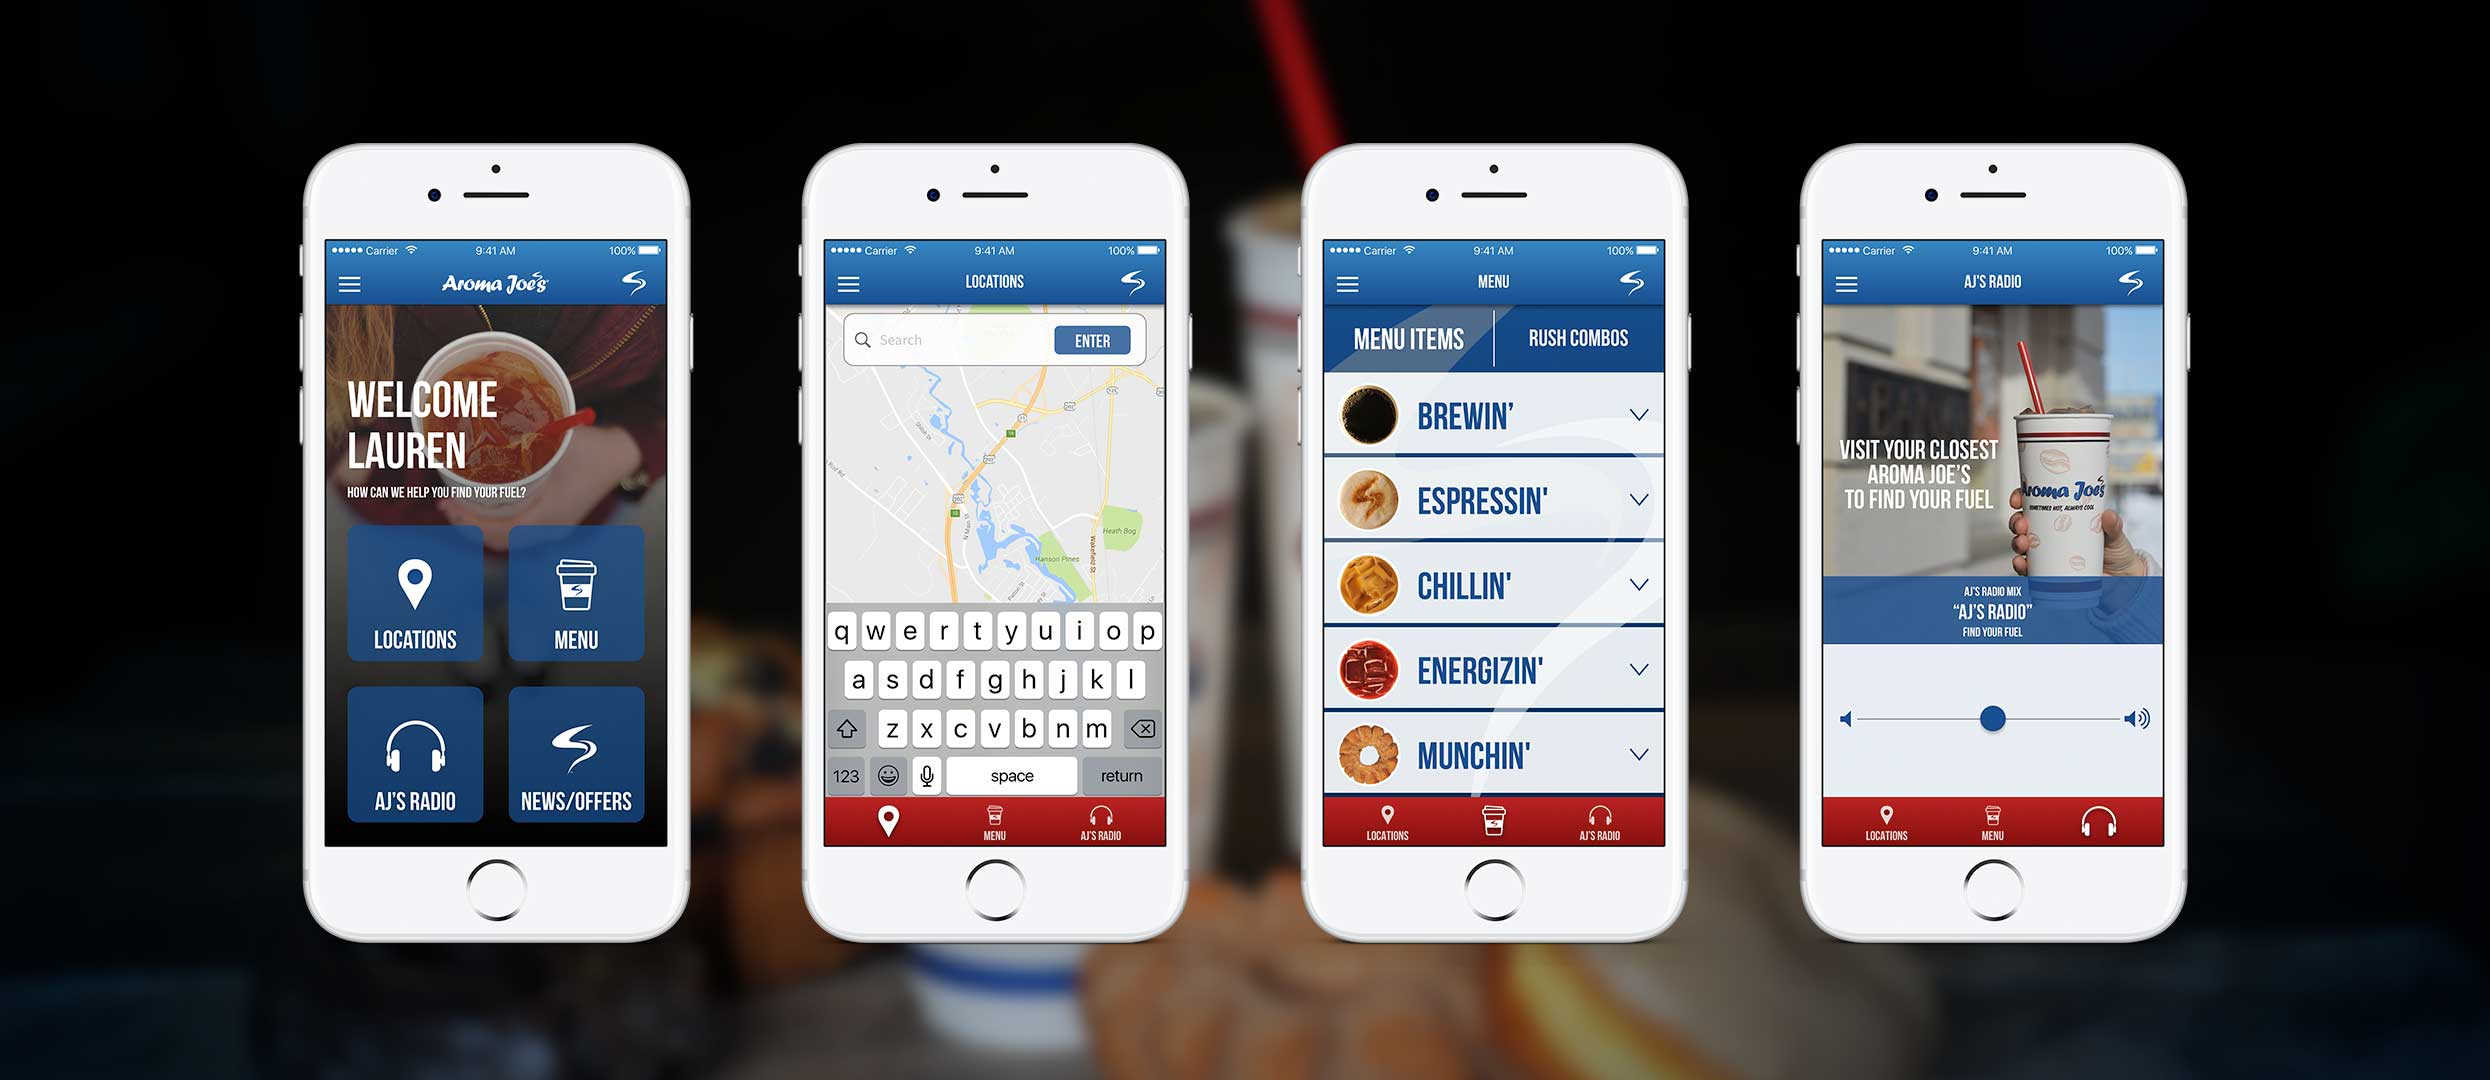 Aroma Joes App Slider